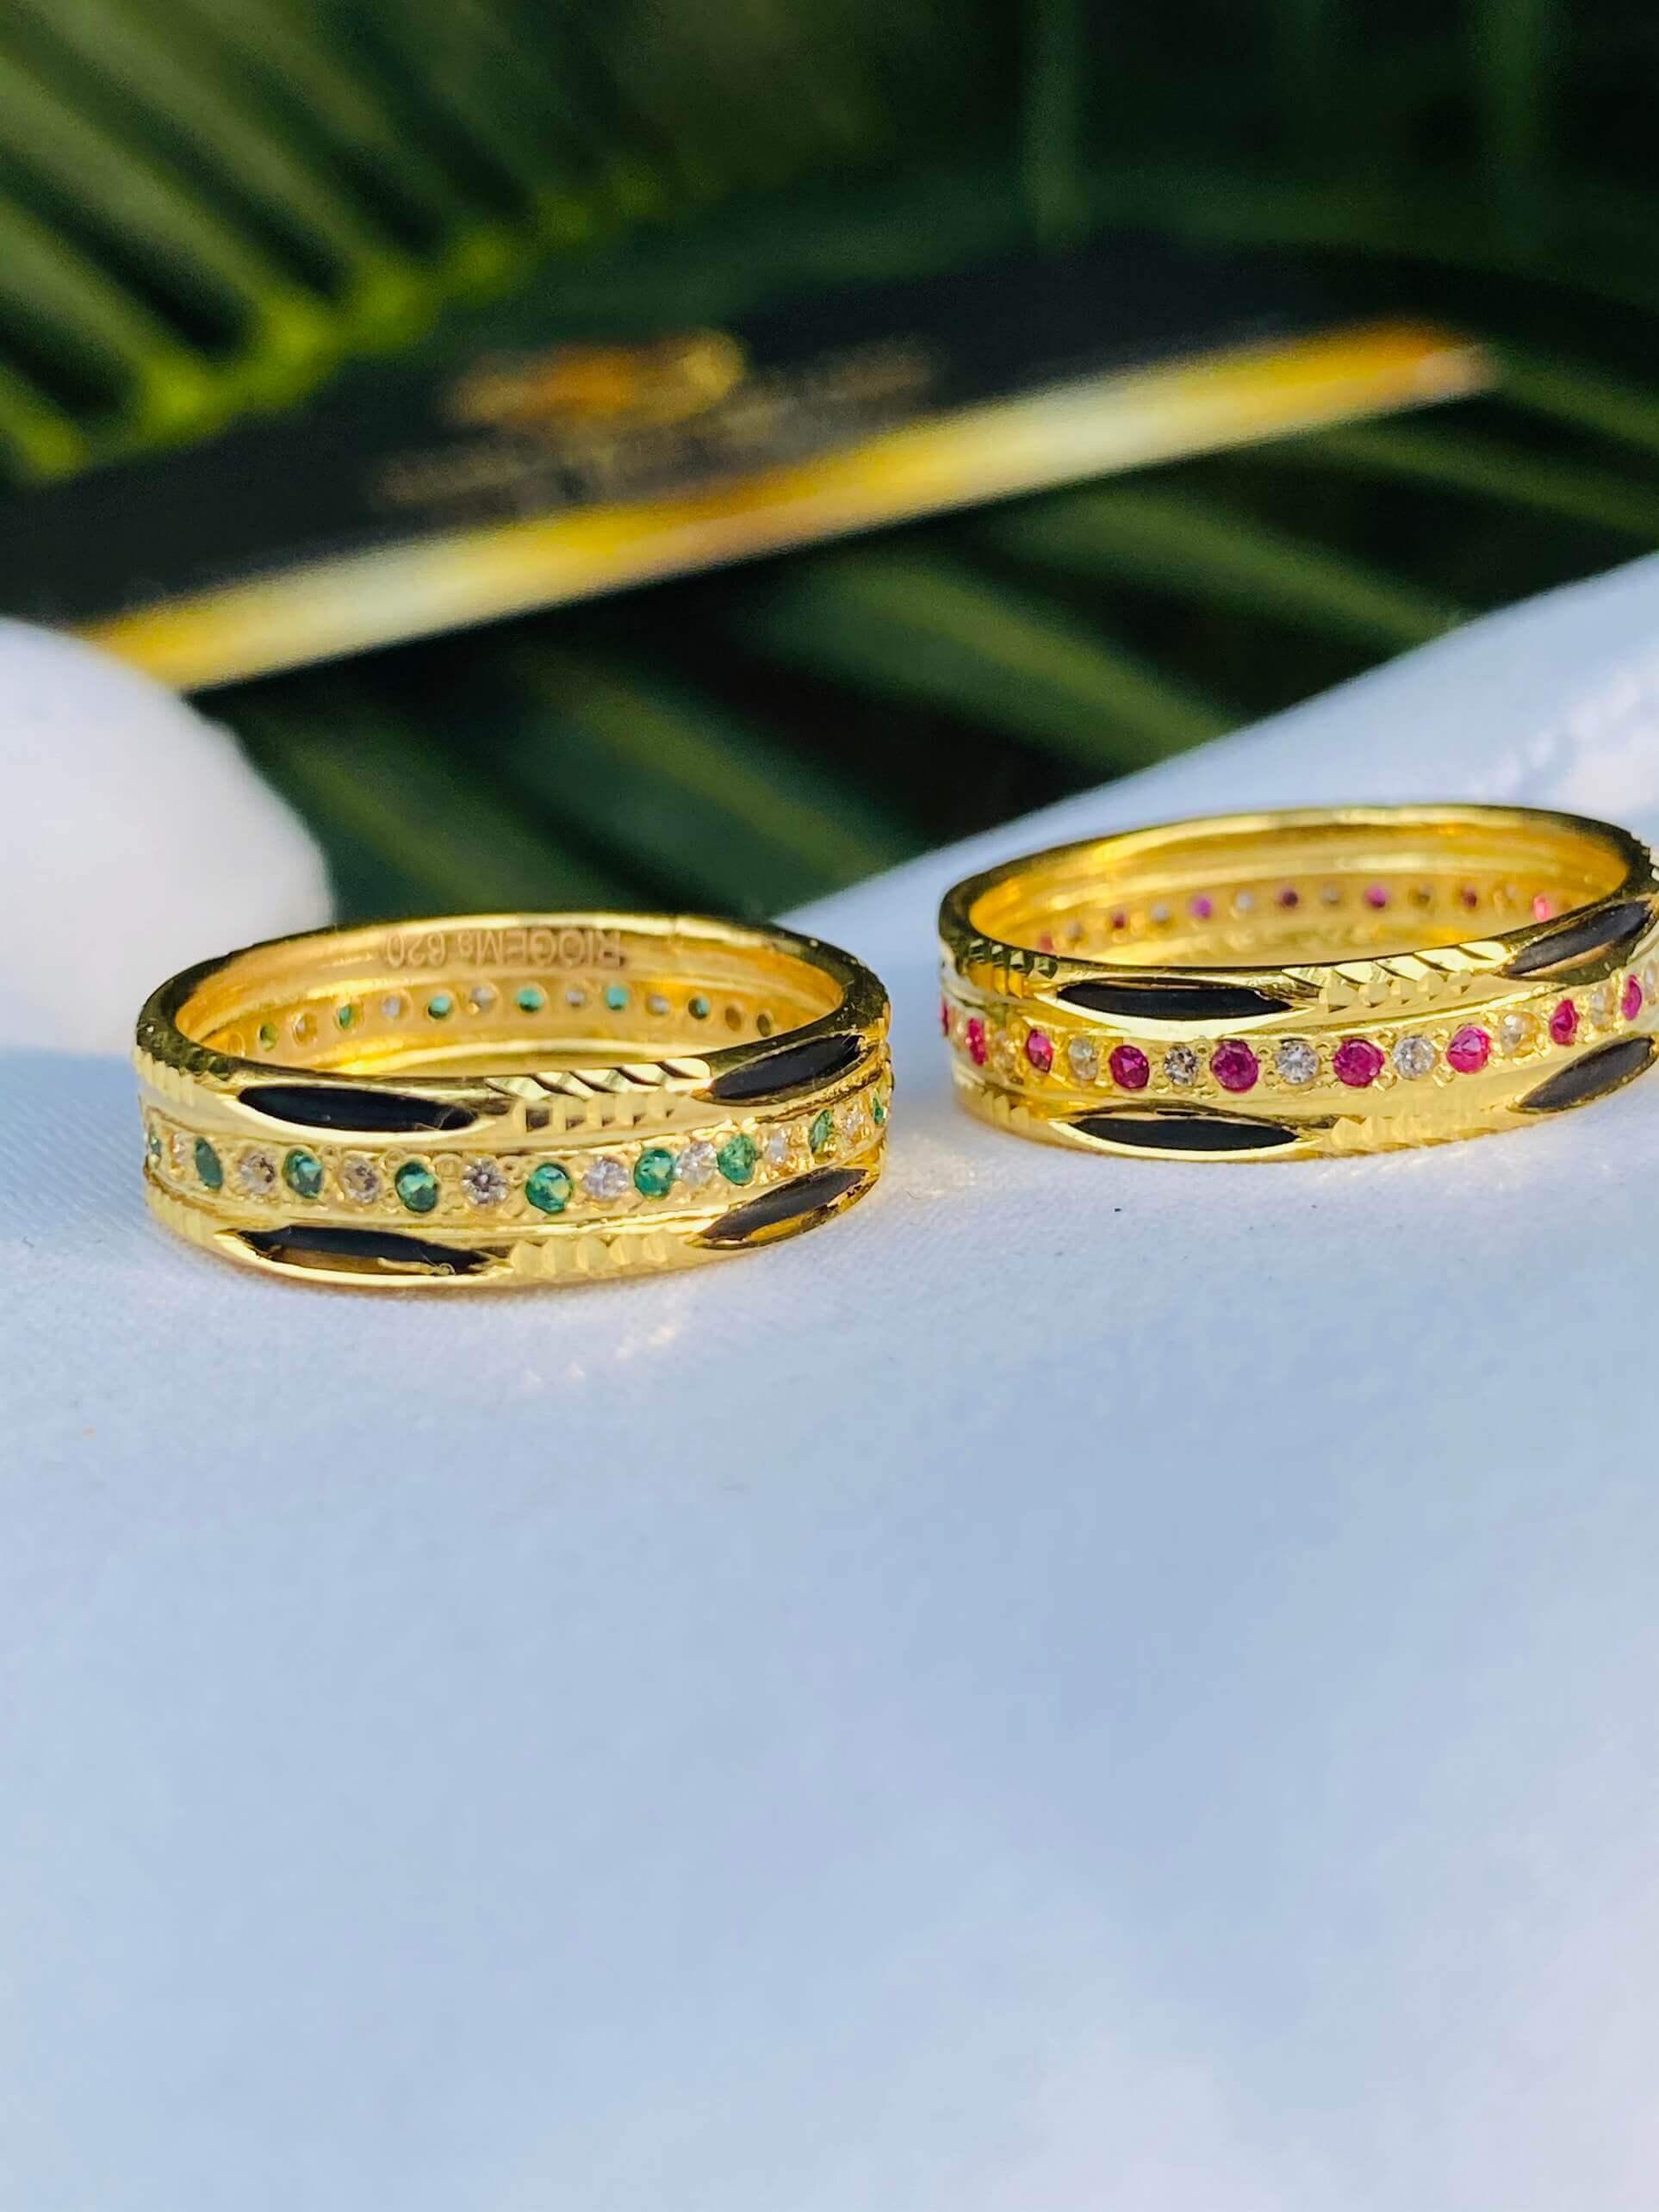 Nhẫn vàng luồng 2 Lông 1 hàng đá xen kẽ (lông FAKE) đẹp